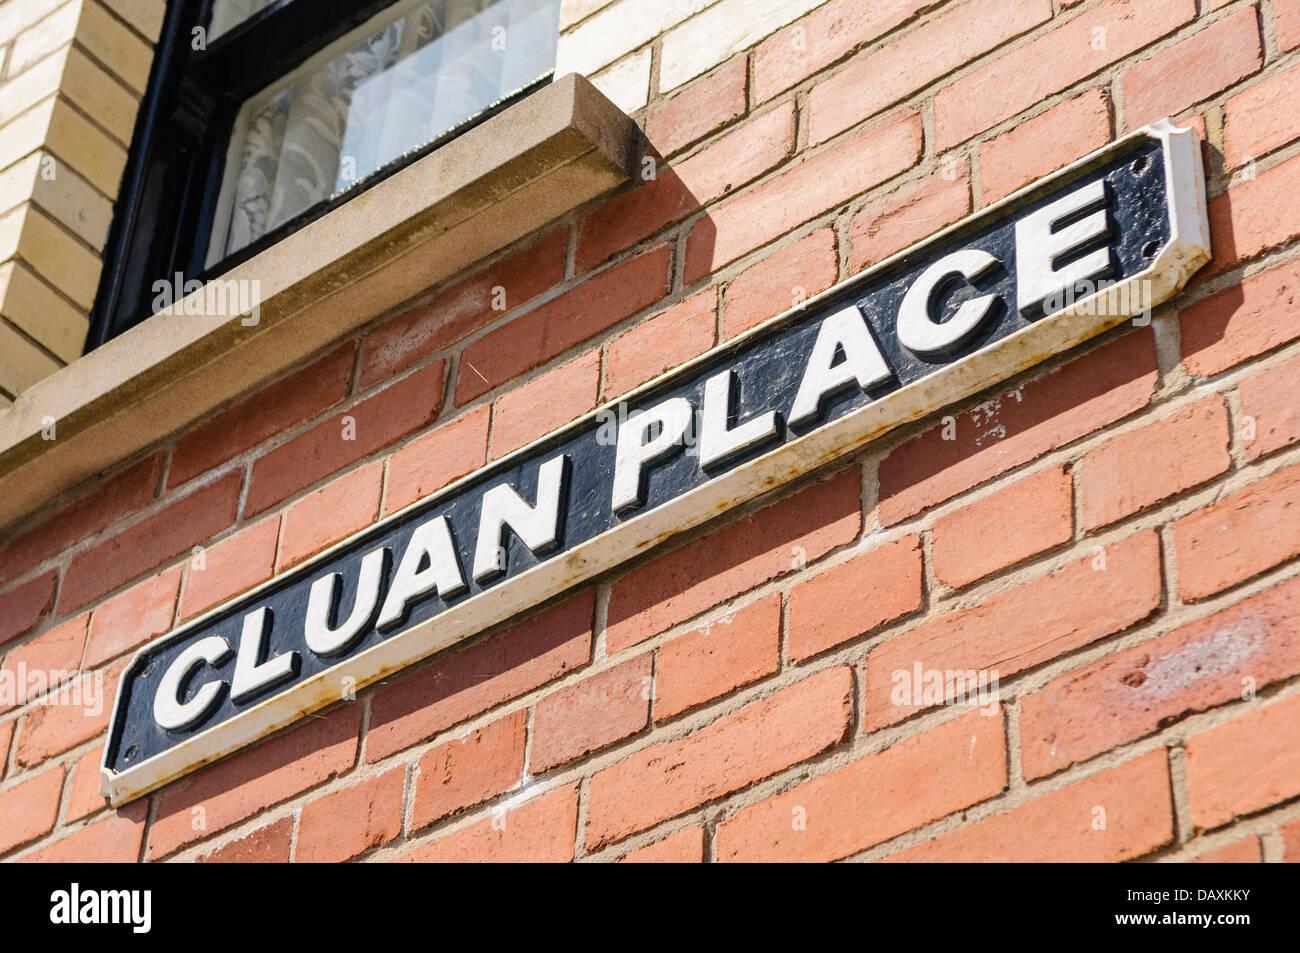 Cluan Place - Stock Image